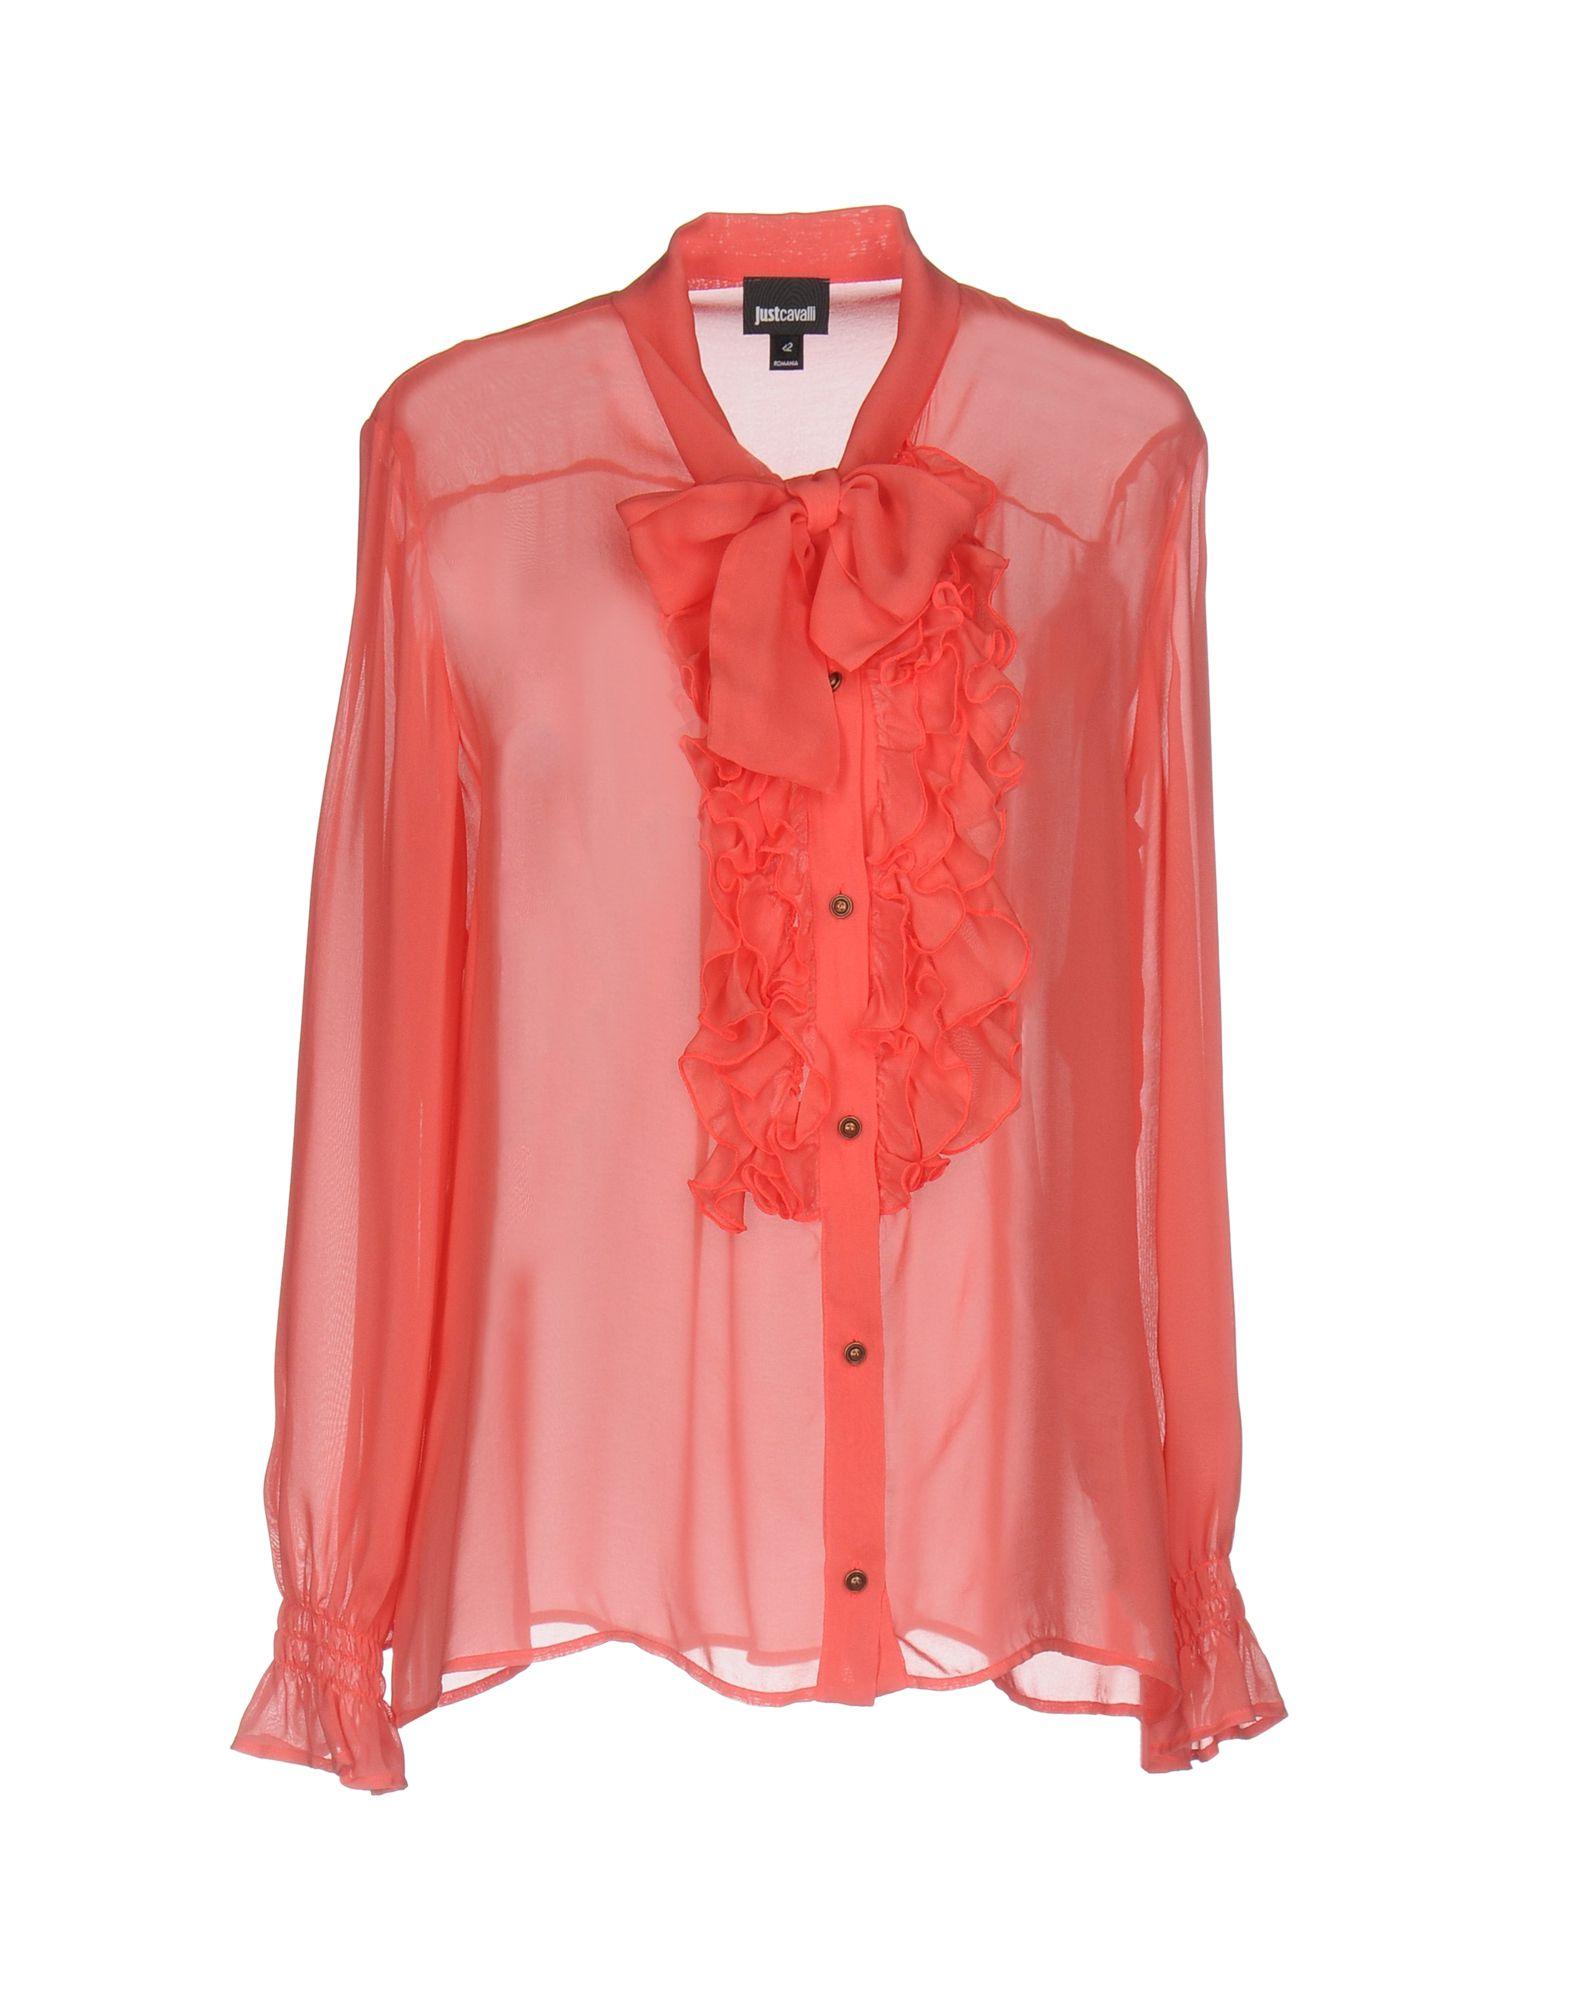 JUST CAVALLI Damen Hemd Farbe Koralle Größe 6